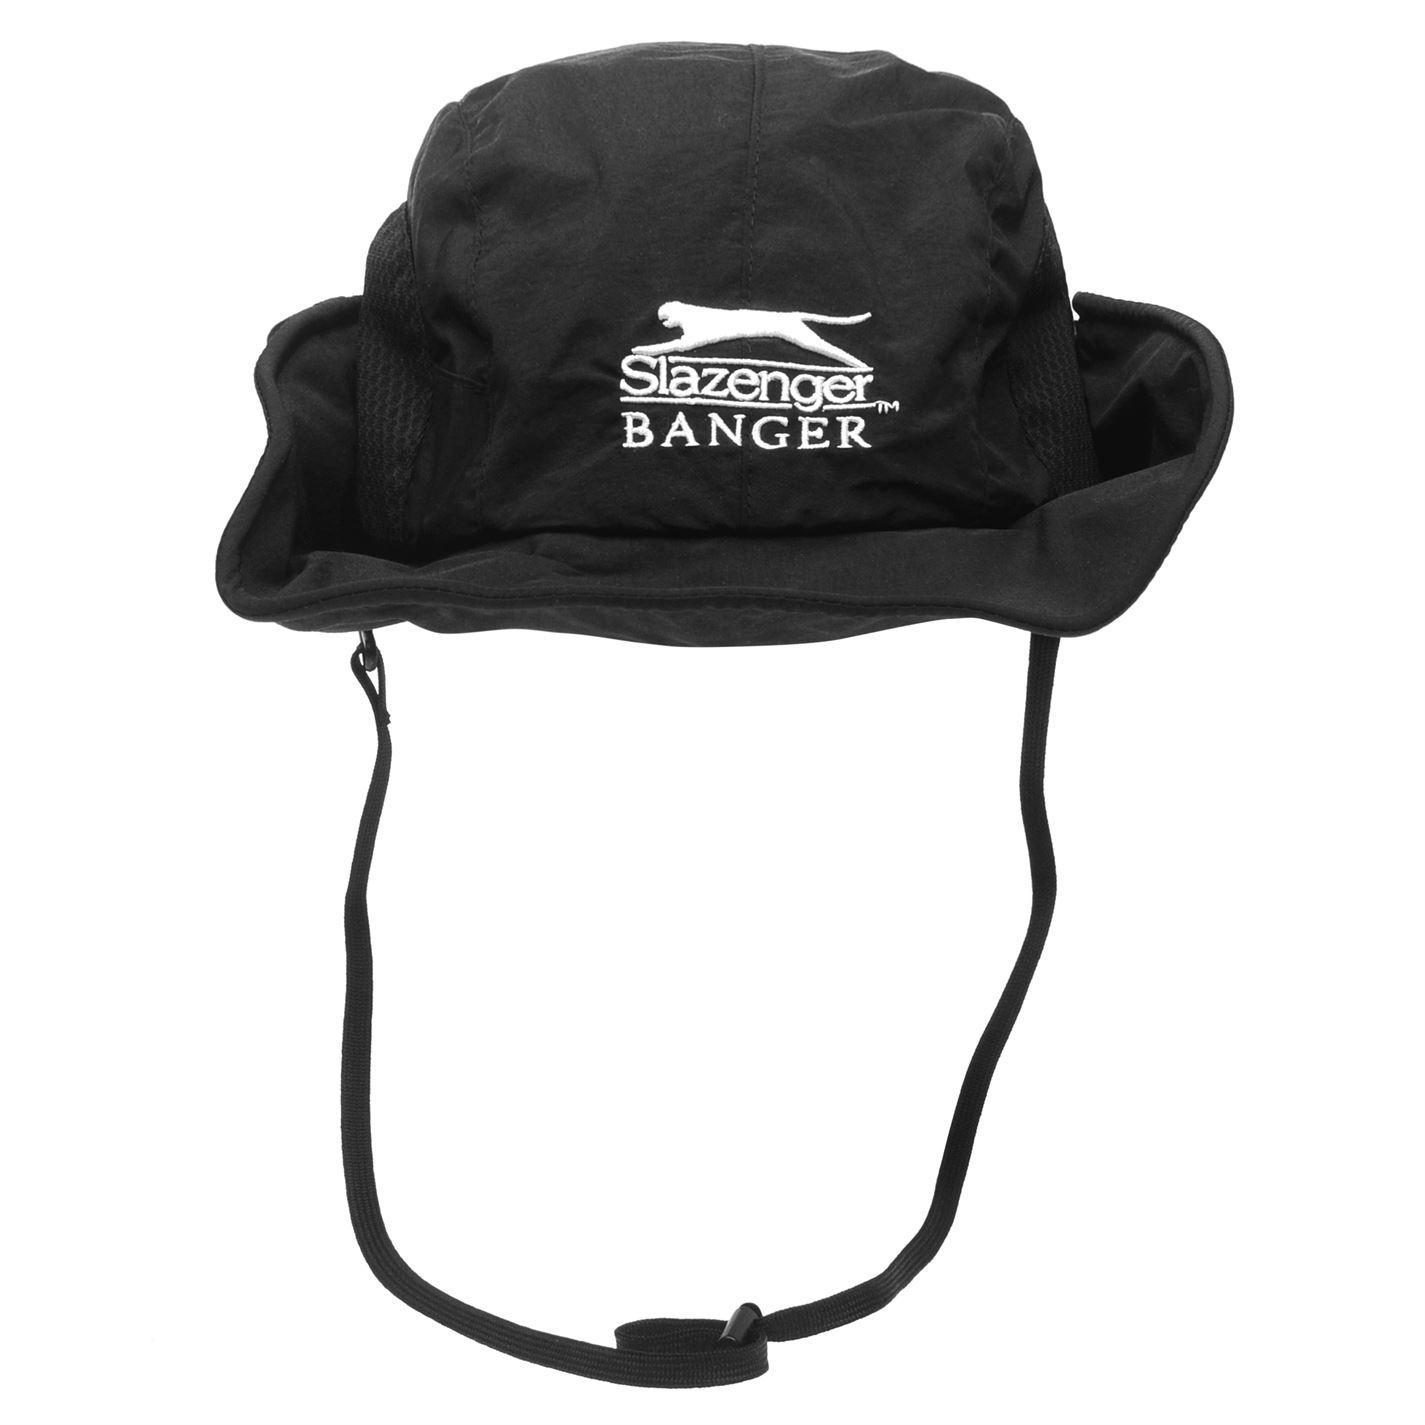 fa26bd94fef Slazenger Banger Unisex Panama Hat